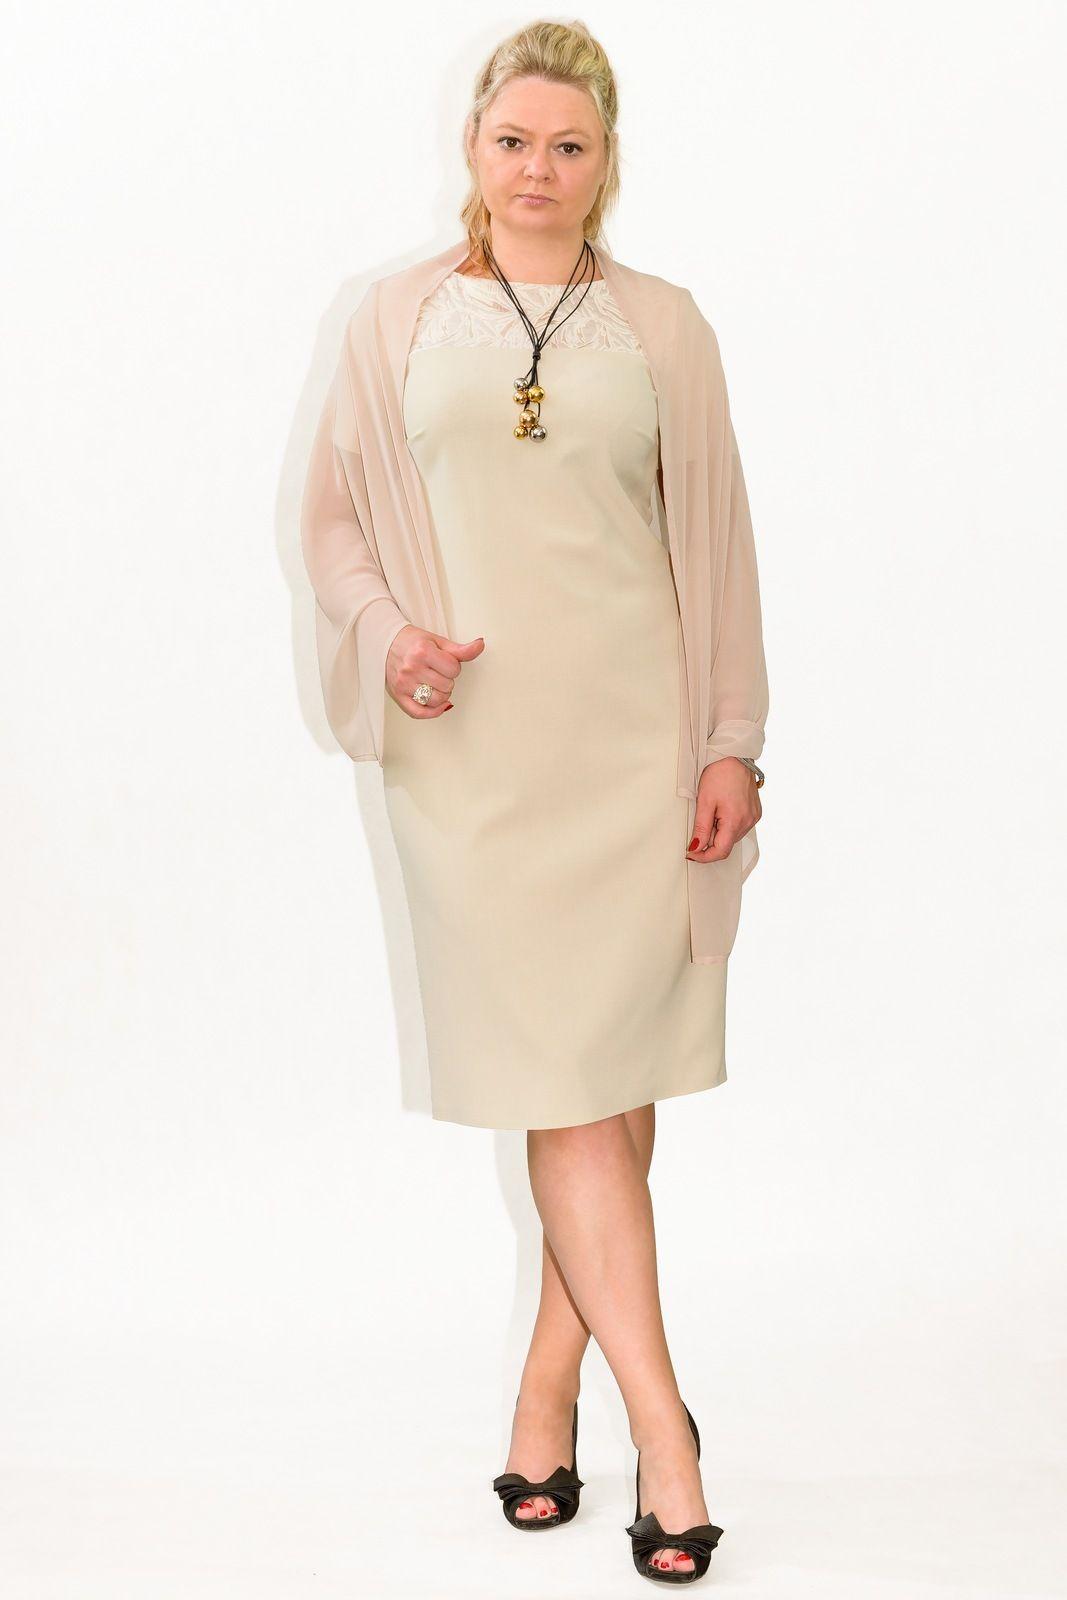 faf91678ed  Sukienka  plus size Sunflower WYPRZEDAŻ! Inne rozmiary dostępne w cenie  regularnej.